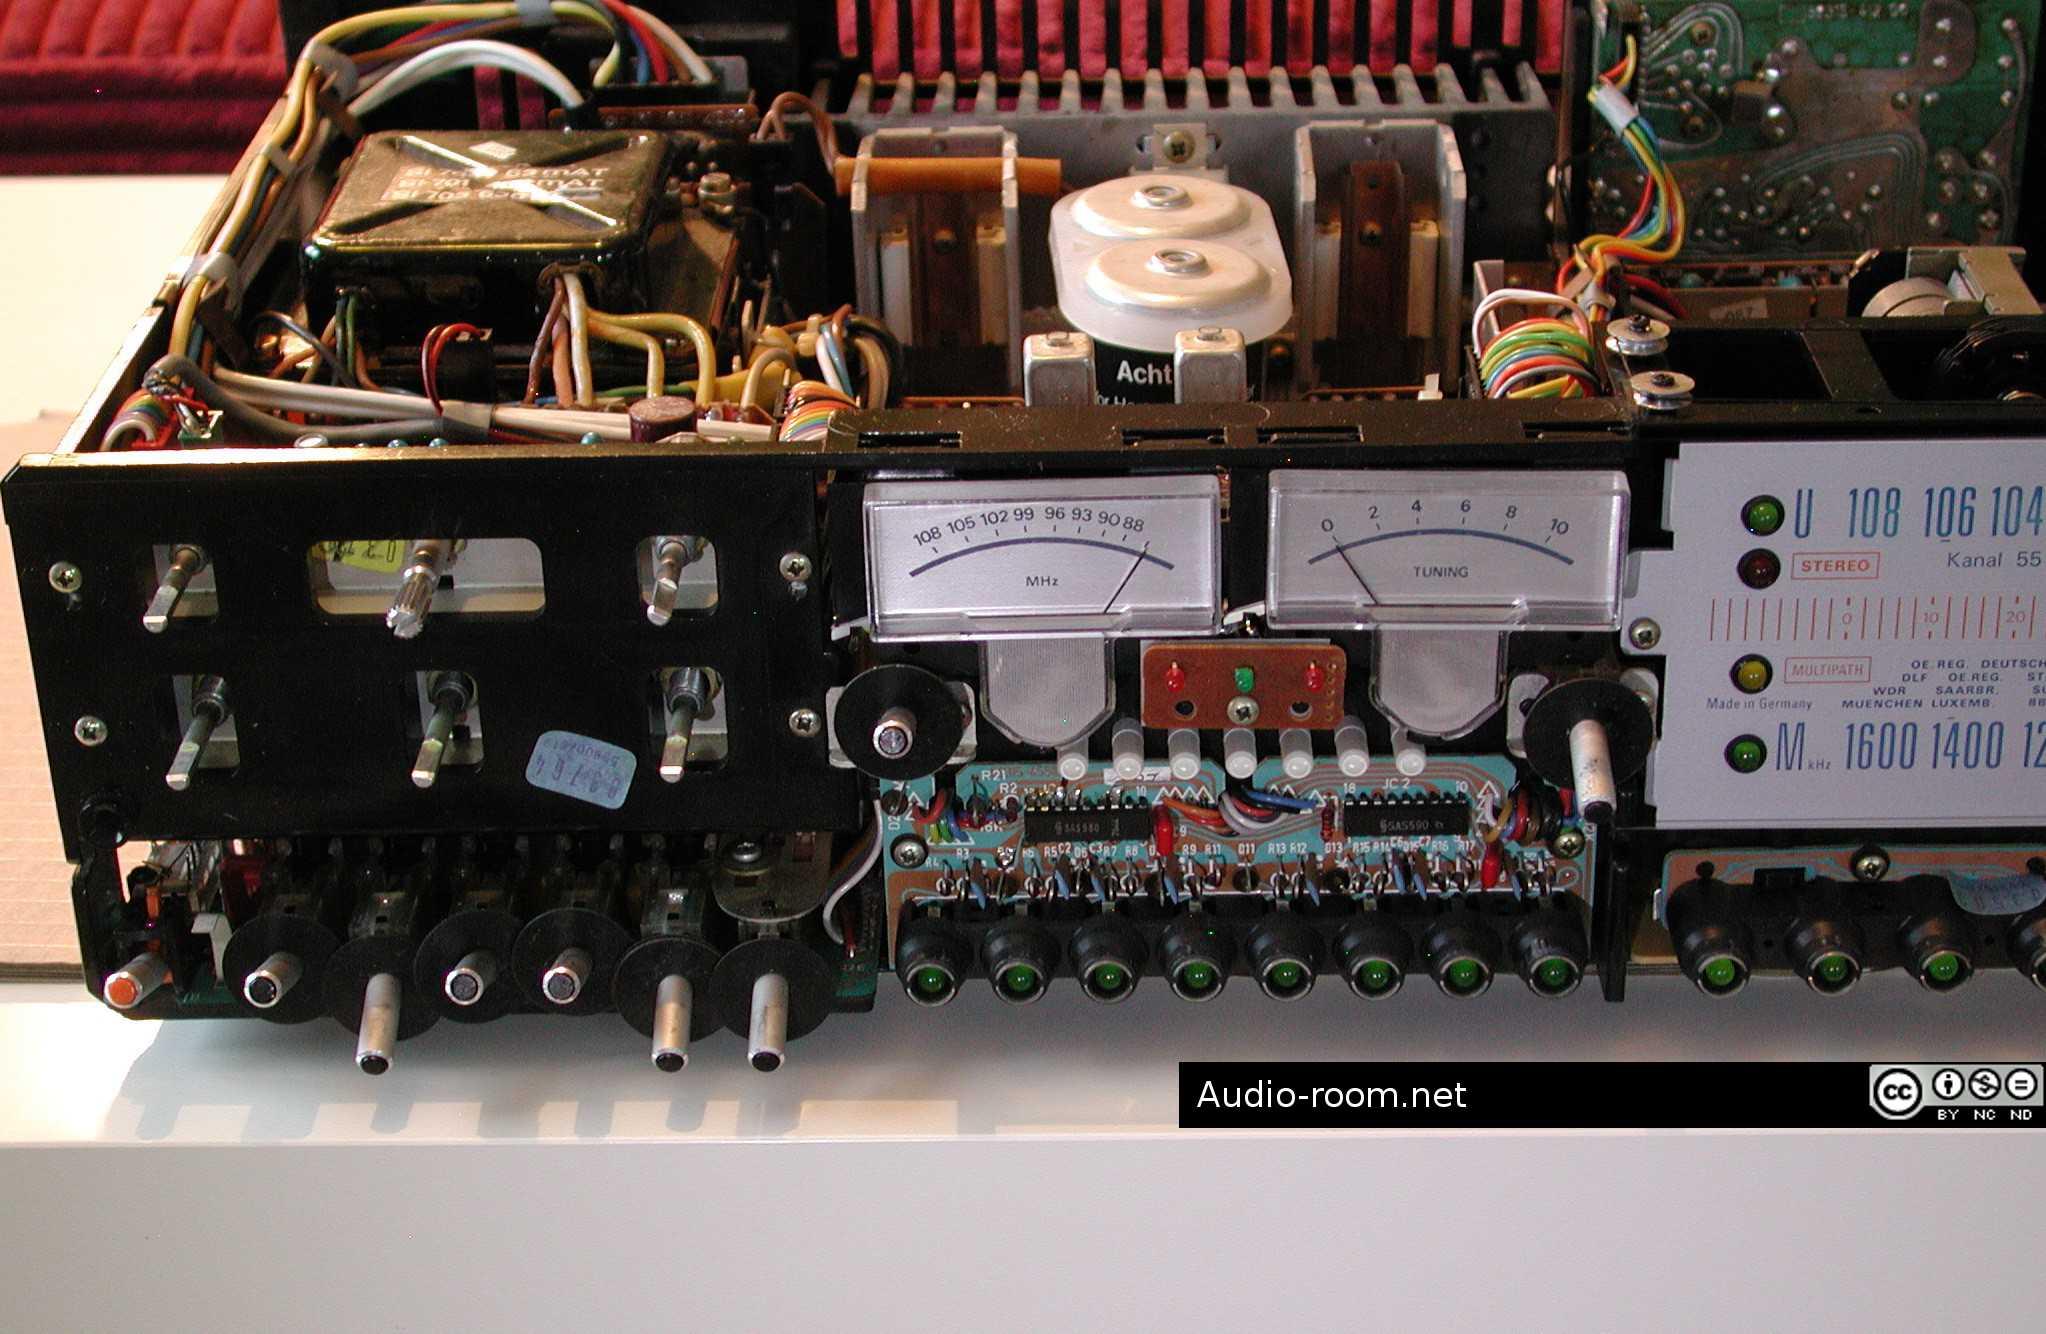 grundig-receiver-50 - dscn3375